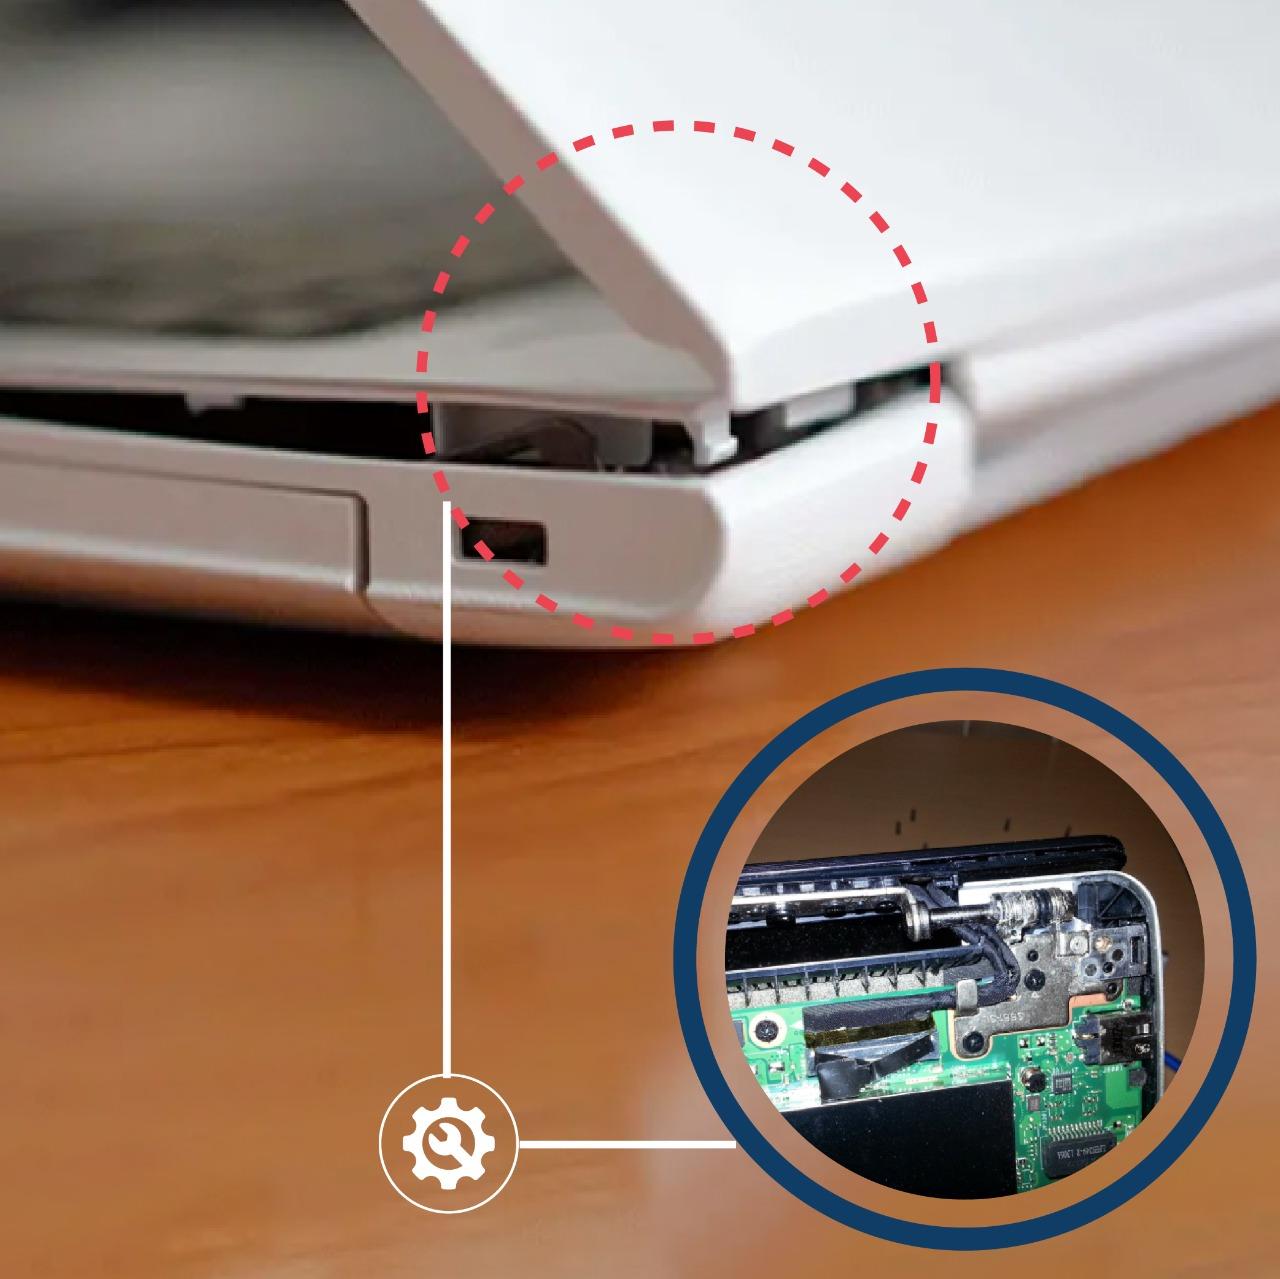 gadget repairing